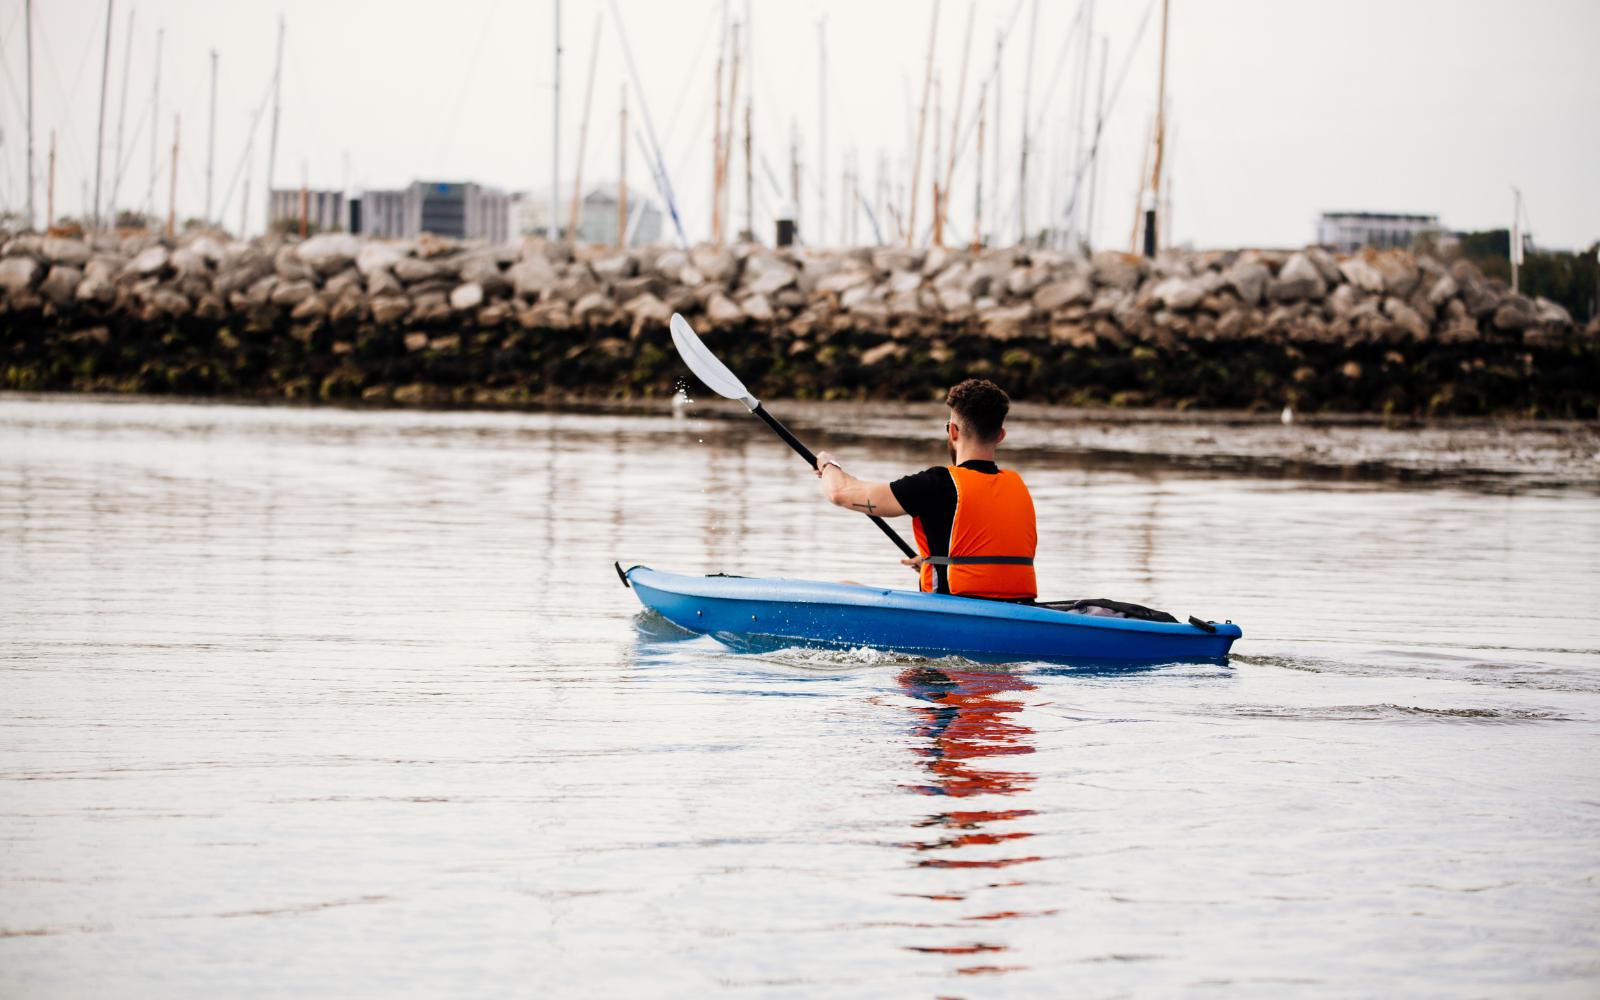 28 6 - Reid ® - Reid Tide Kayak